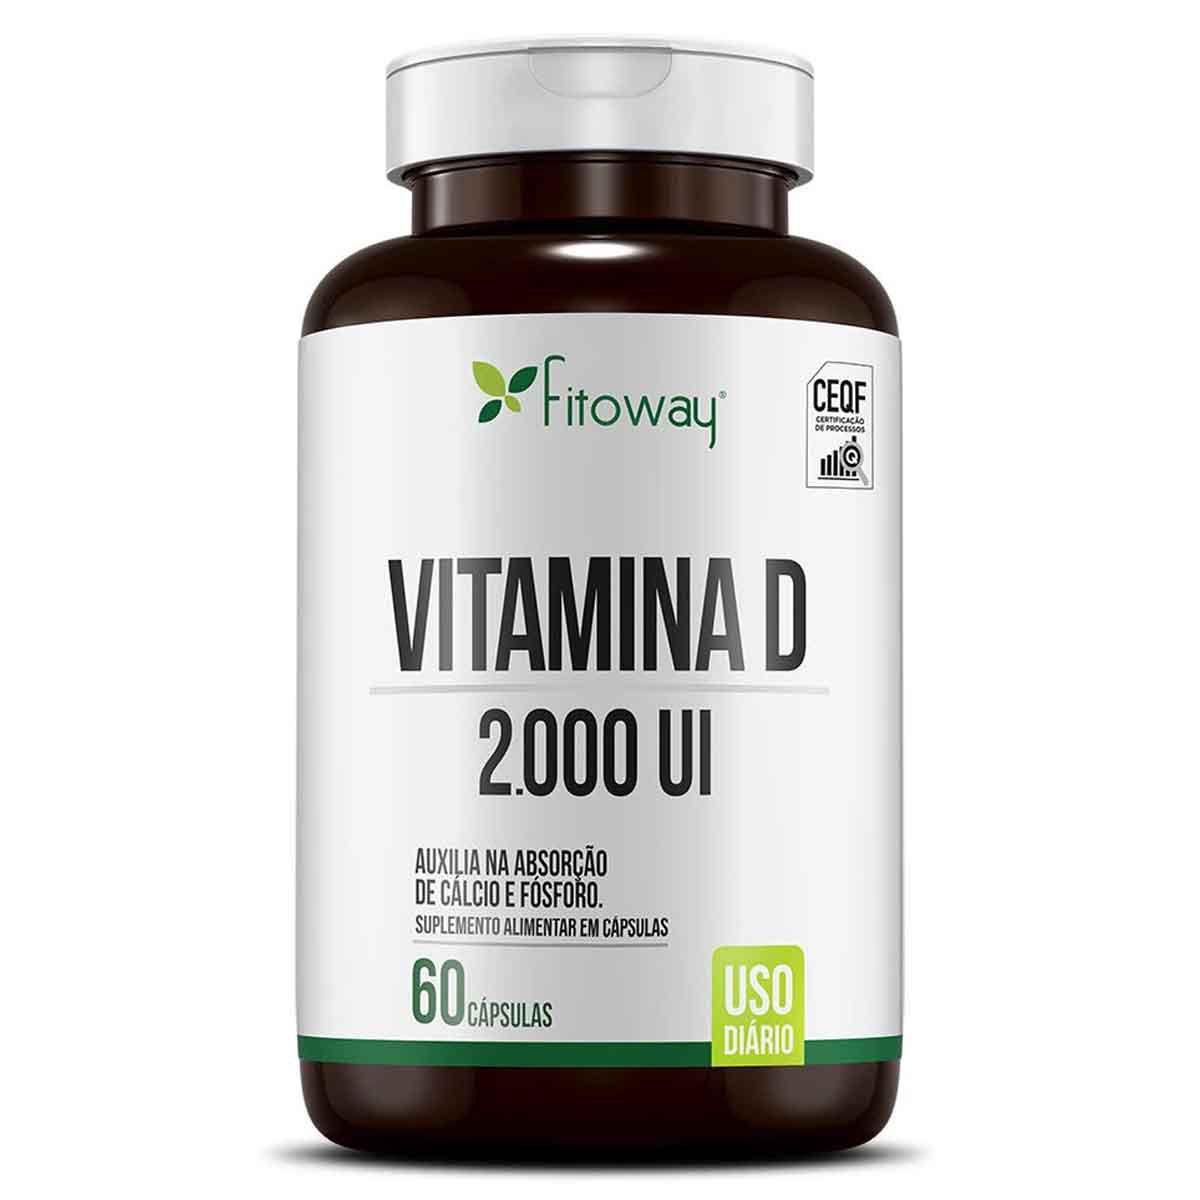 Vitamina D 2000 Ui 60 cápsulas - Fitoway